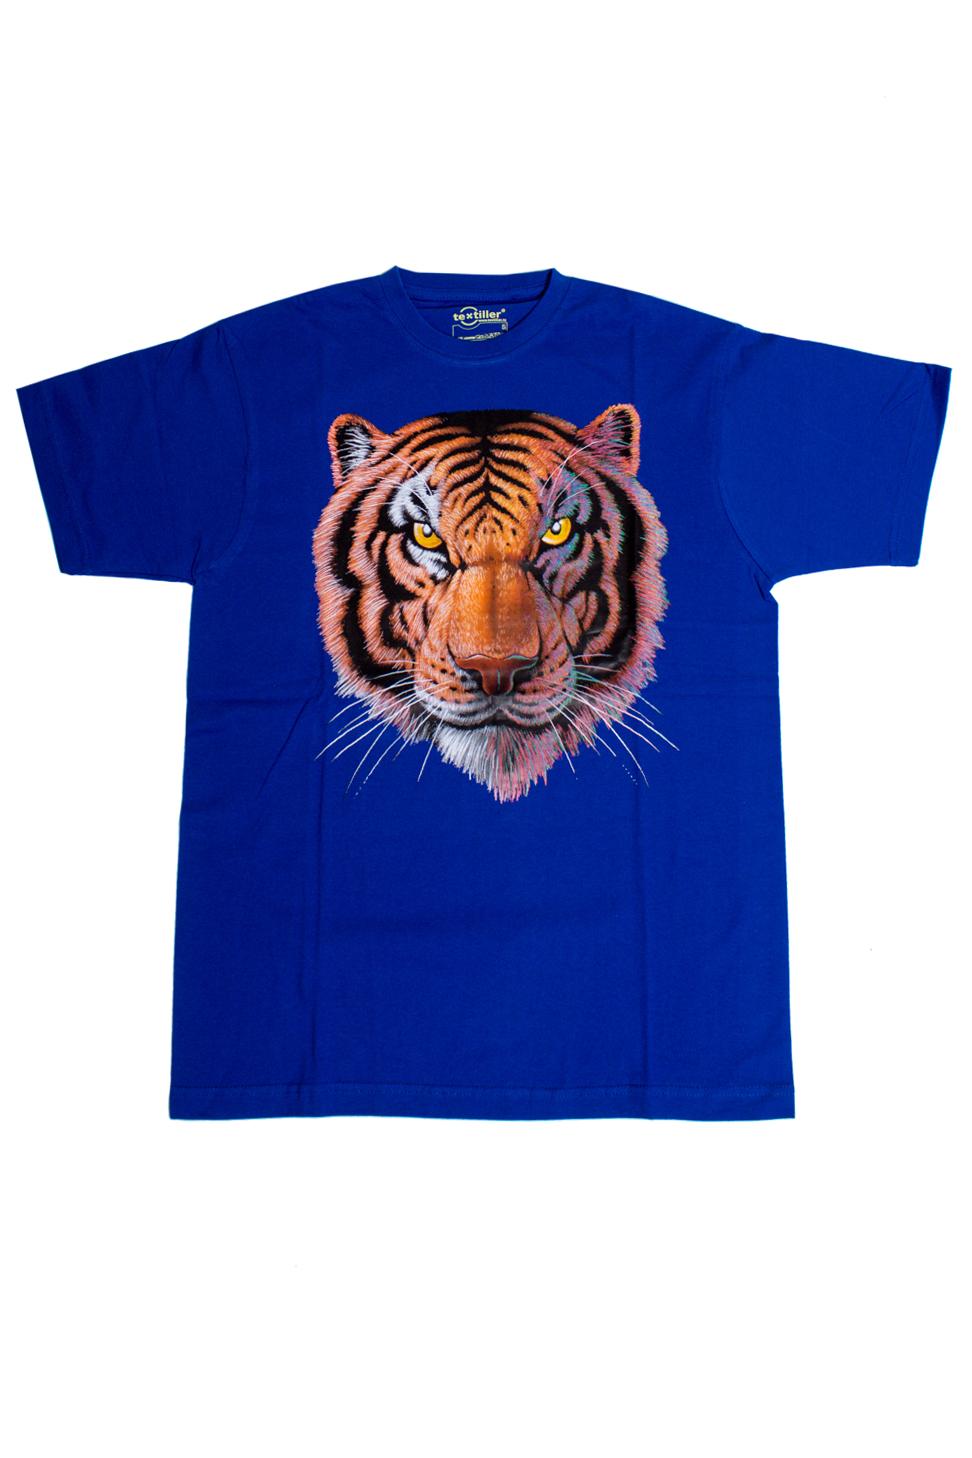 ФутболкаФутболки<br>Качественная мужская футболка пошитая из кулирной пряжи по новой технологии без боковых швов и состоит из 100% хлопка.  В изделии использованы цвета: синий, оранжевый и др.  Ростовка изделия 175-180 см<br><br>По сезону: Всесезон<br>Размер : 46,48<br>Материал: Трикотаж<br>Количество в наличии: 3